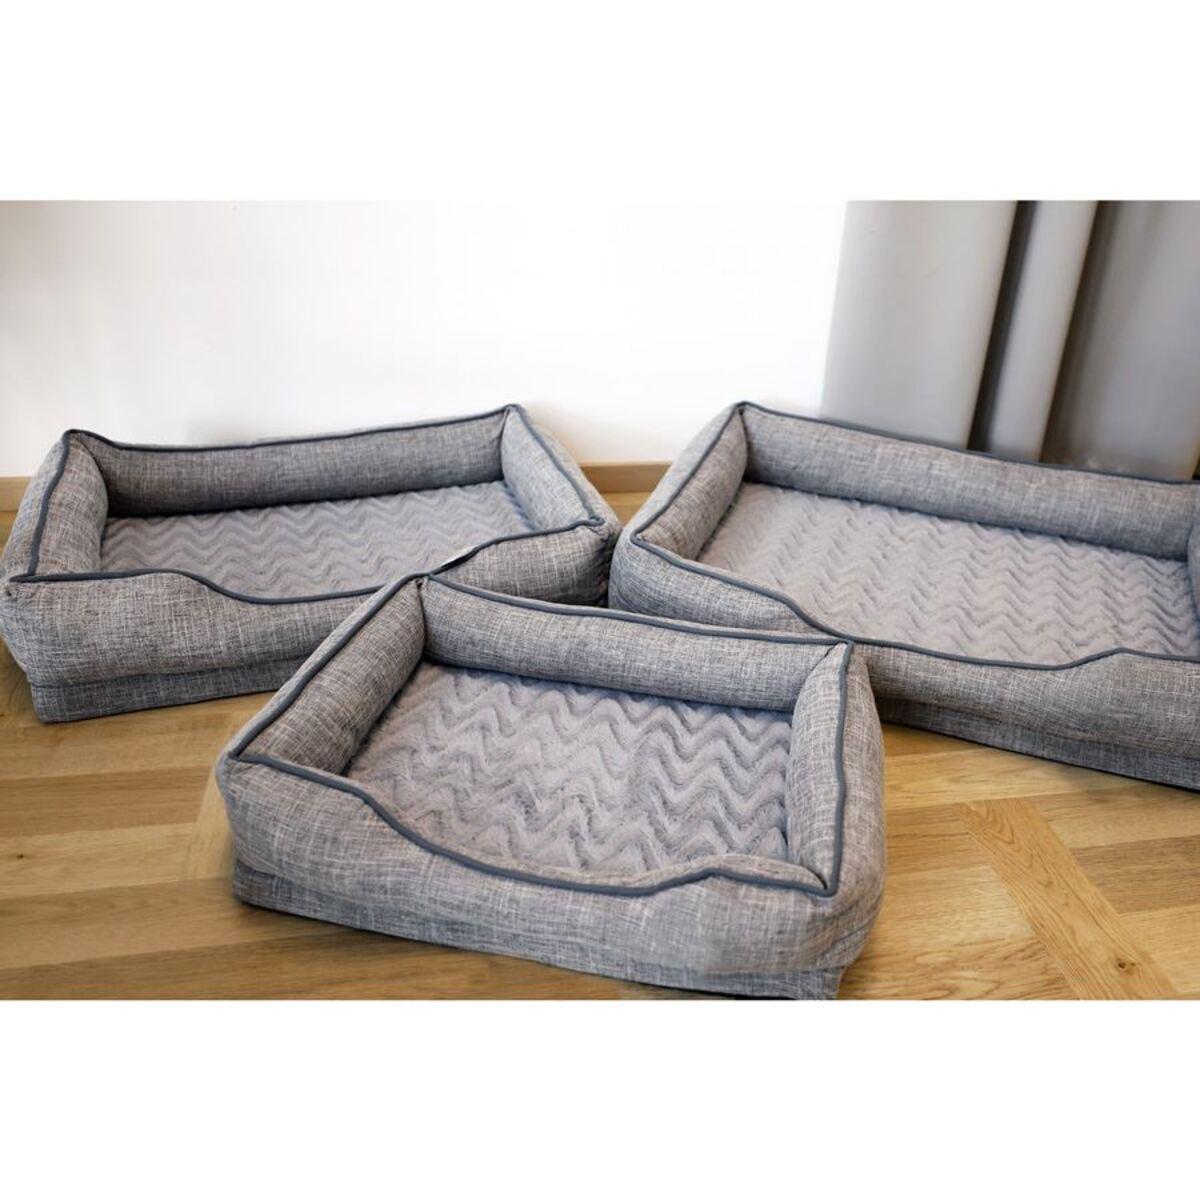 Bild 1 von Gepolstertes Hundebetten-Set 3-teilig Grau